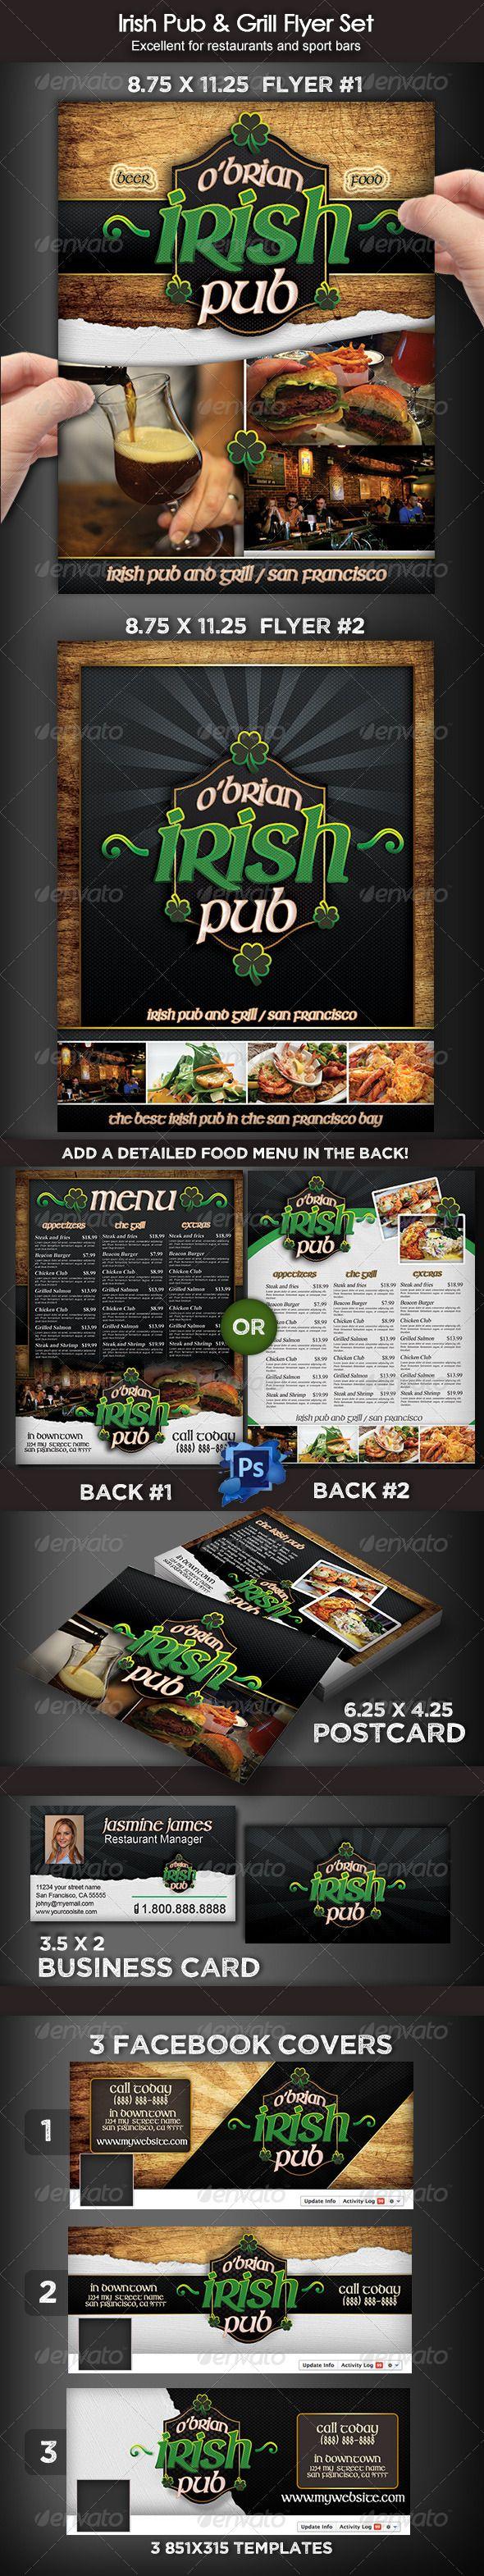 irish menu templates - irish pub grill flyer set grilling template and menu